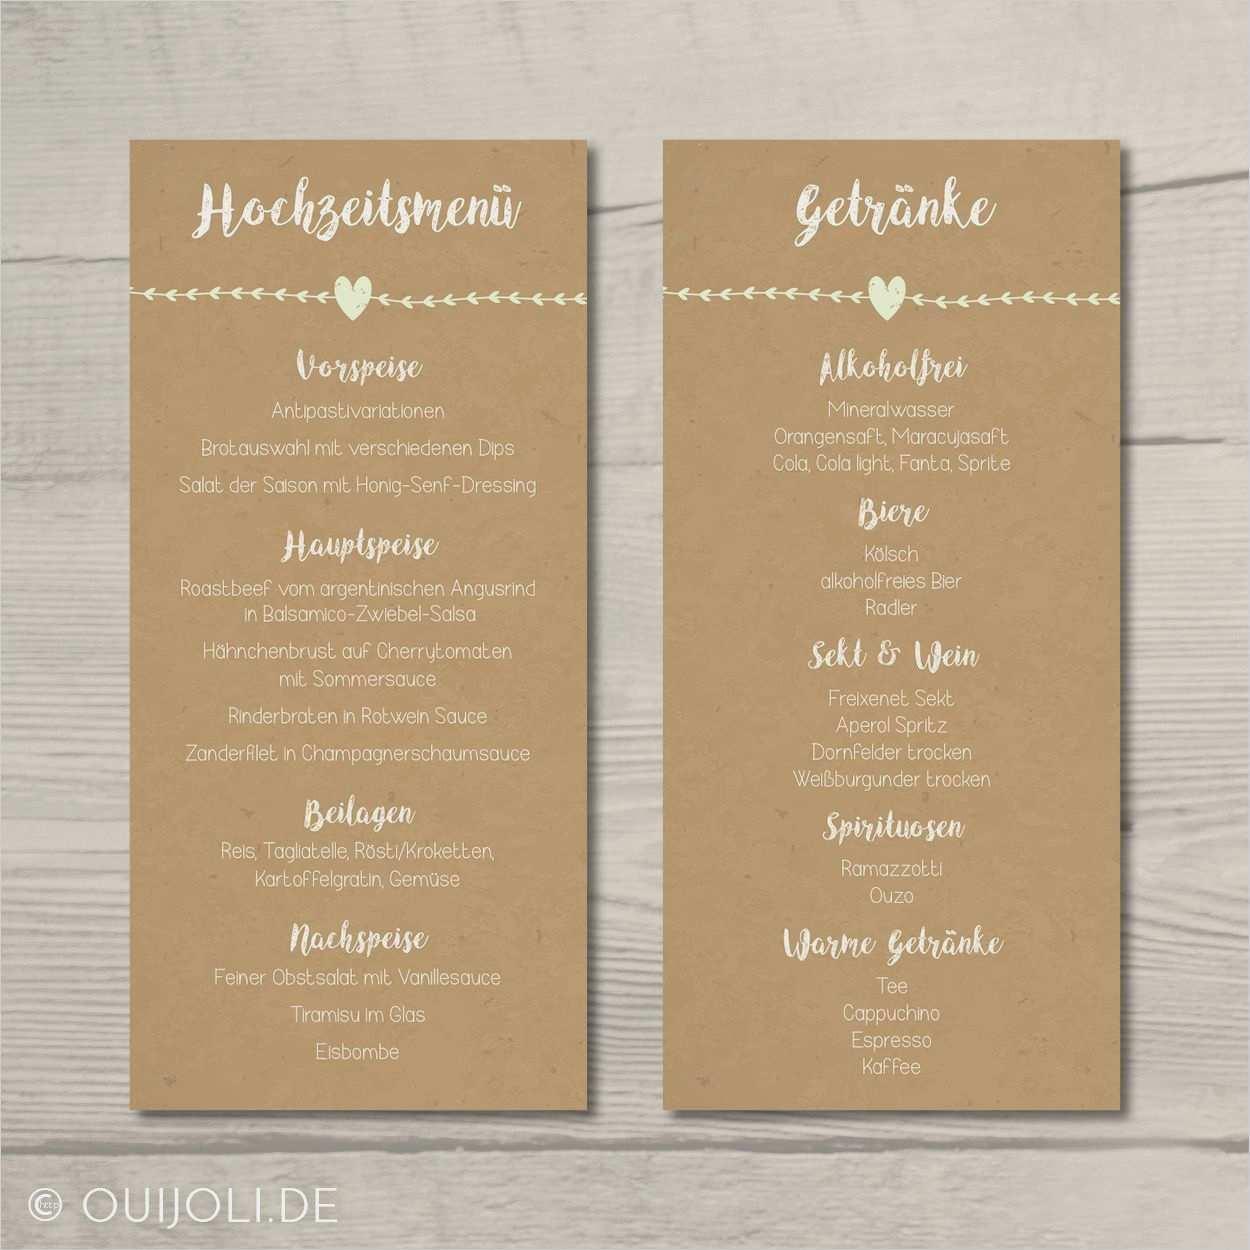 33 Erstaunlich Menukarte Hochzeit Vorlage Bilder Menukarten Hochzeit Getrankekarte Hochzeit Getranke Karte Hochzeit